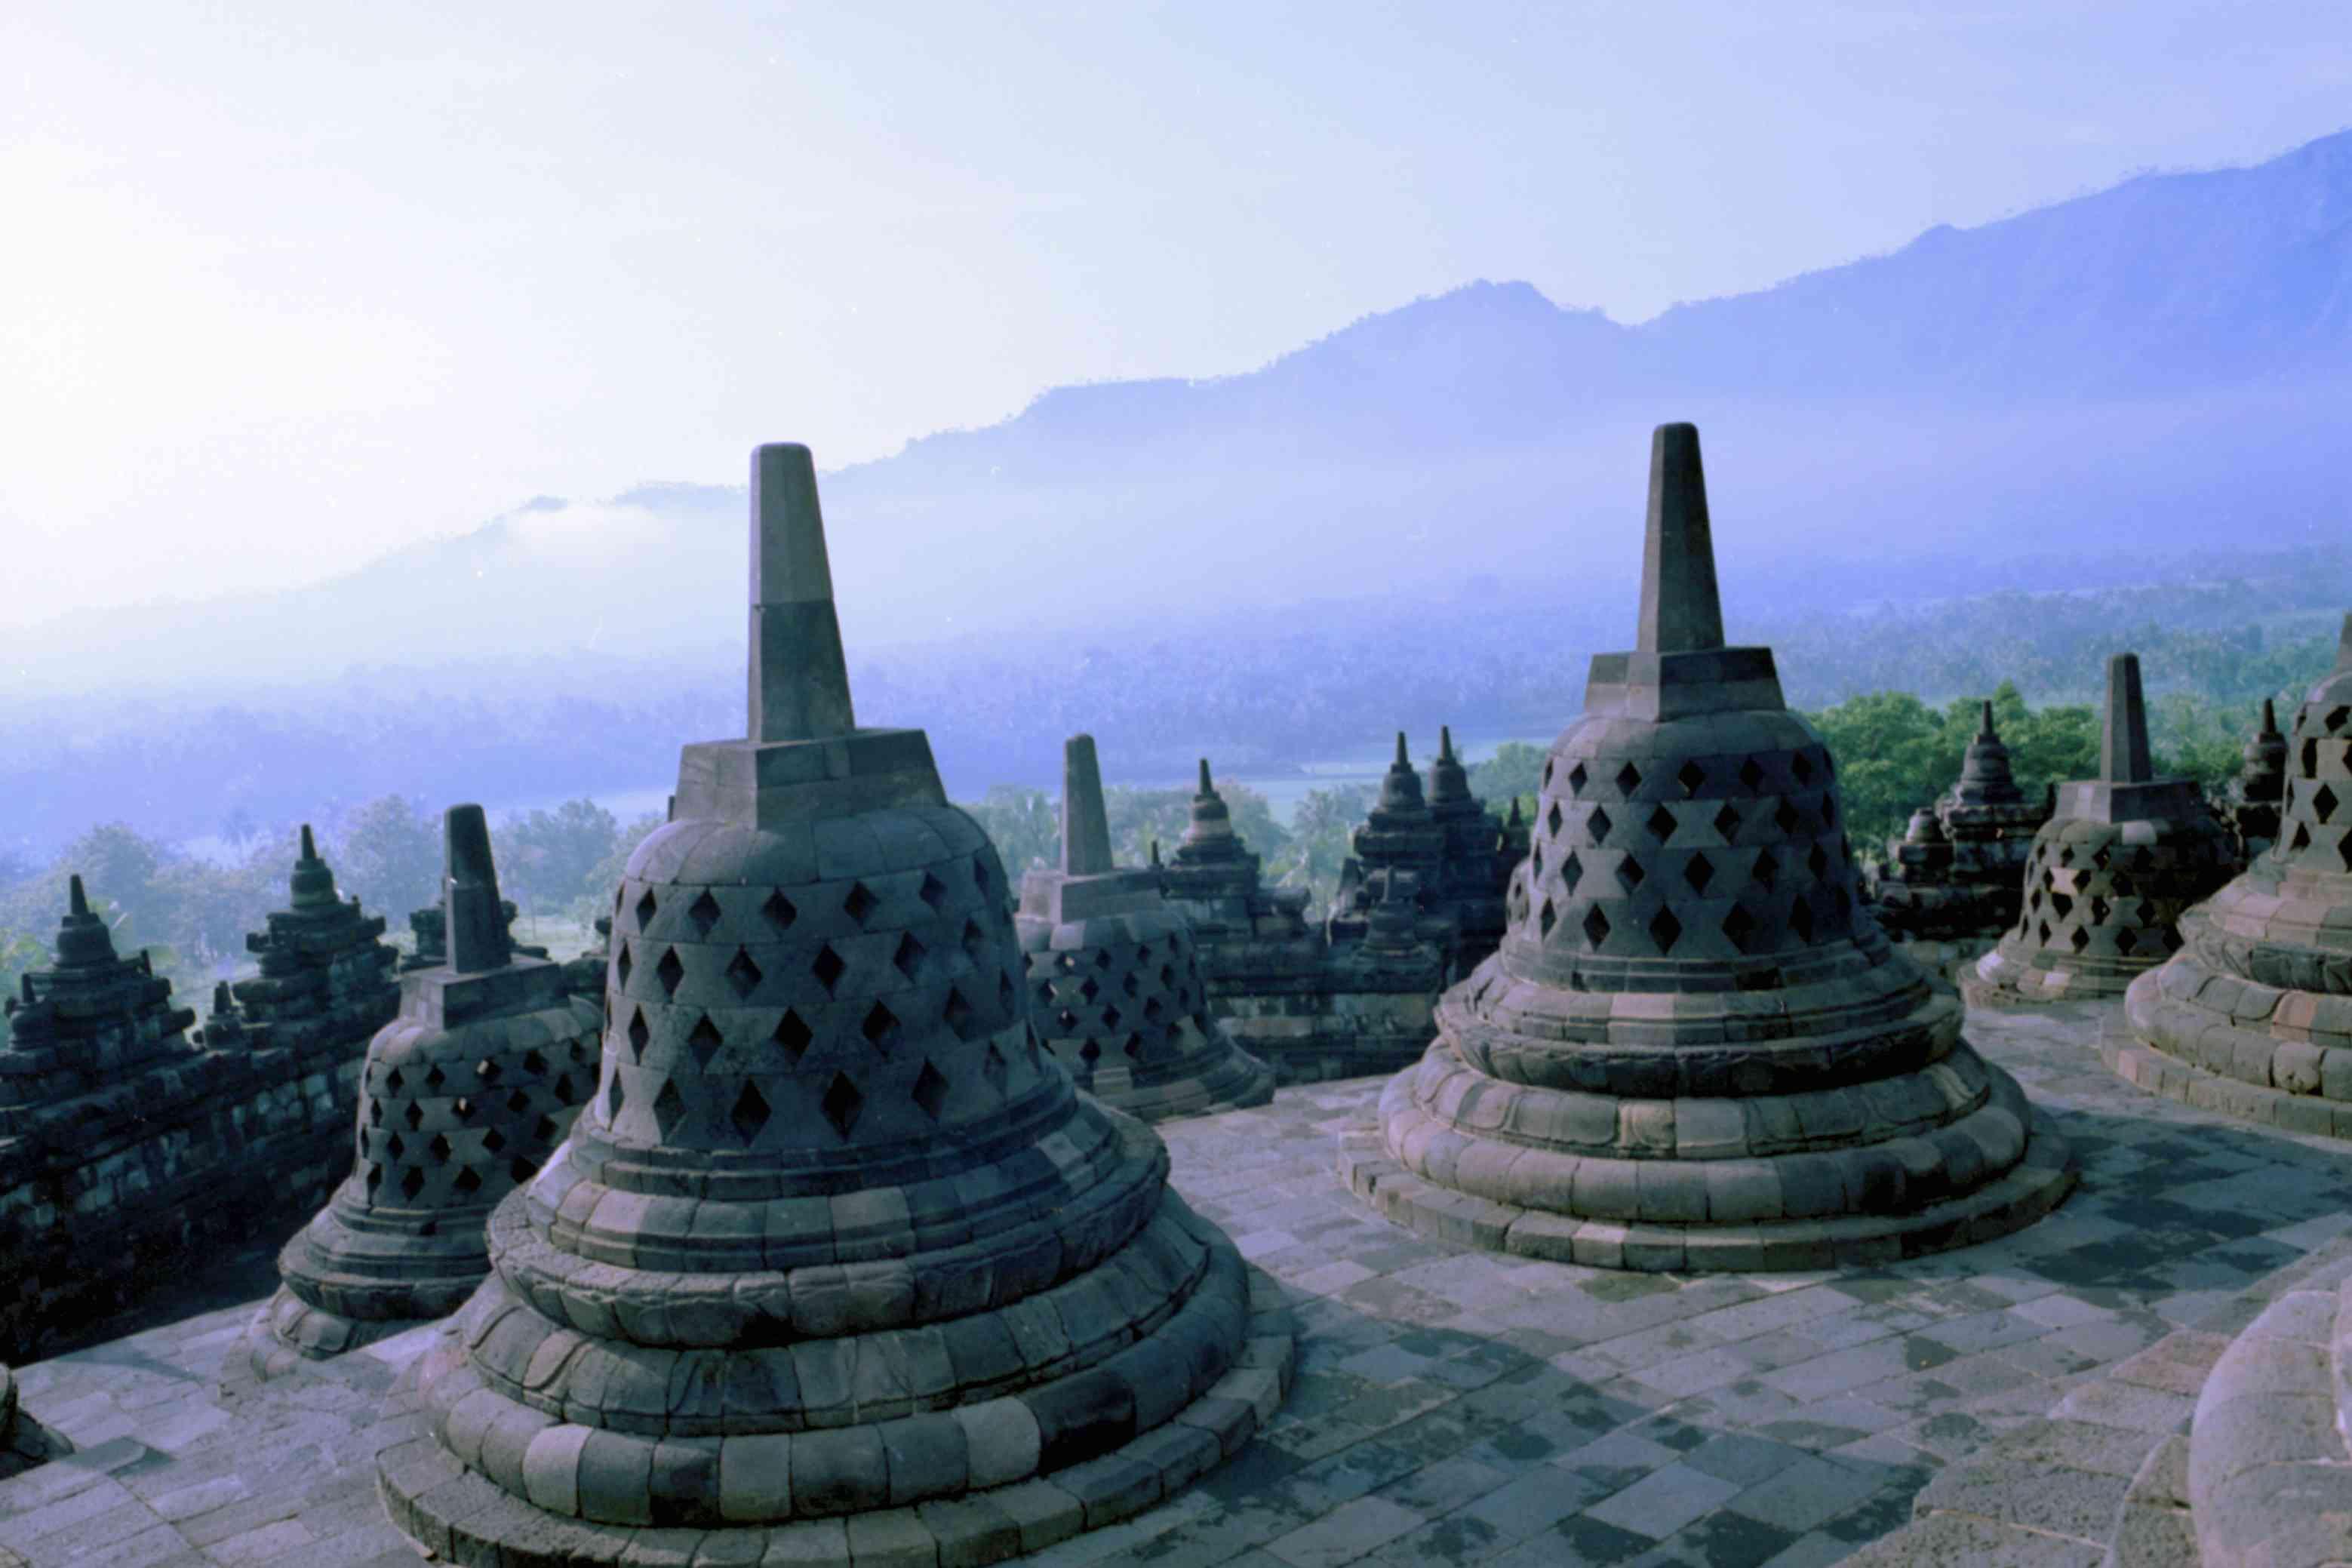 Borobudur Temple in Magelang, Indonesia